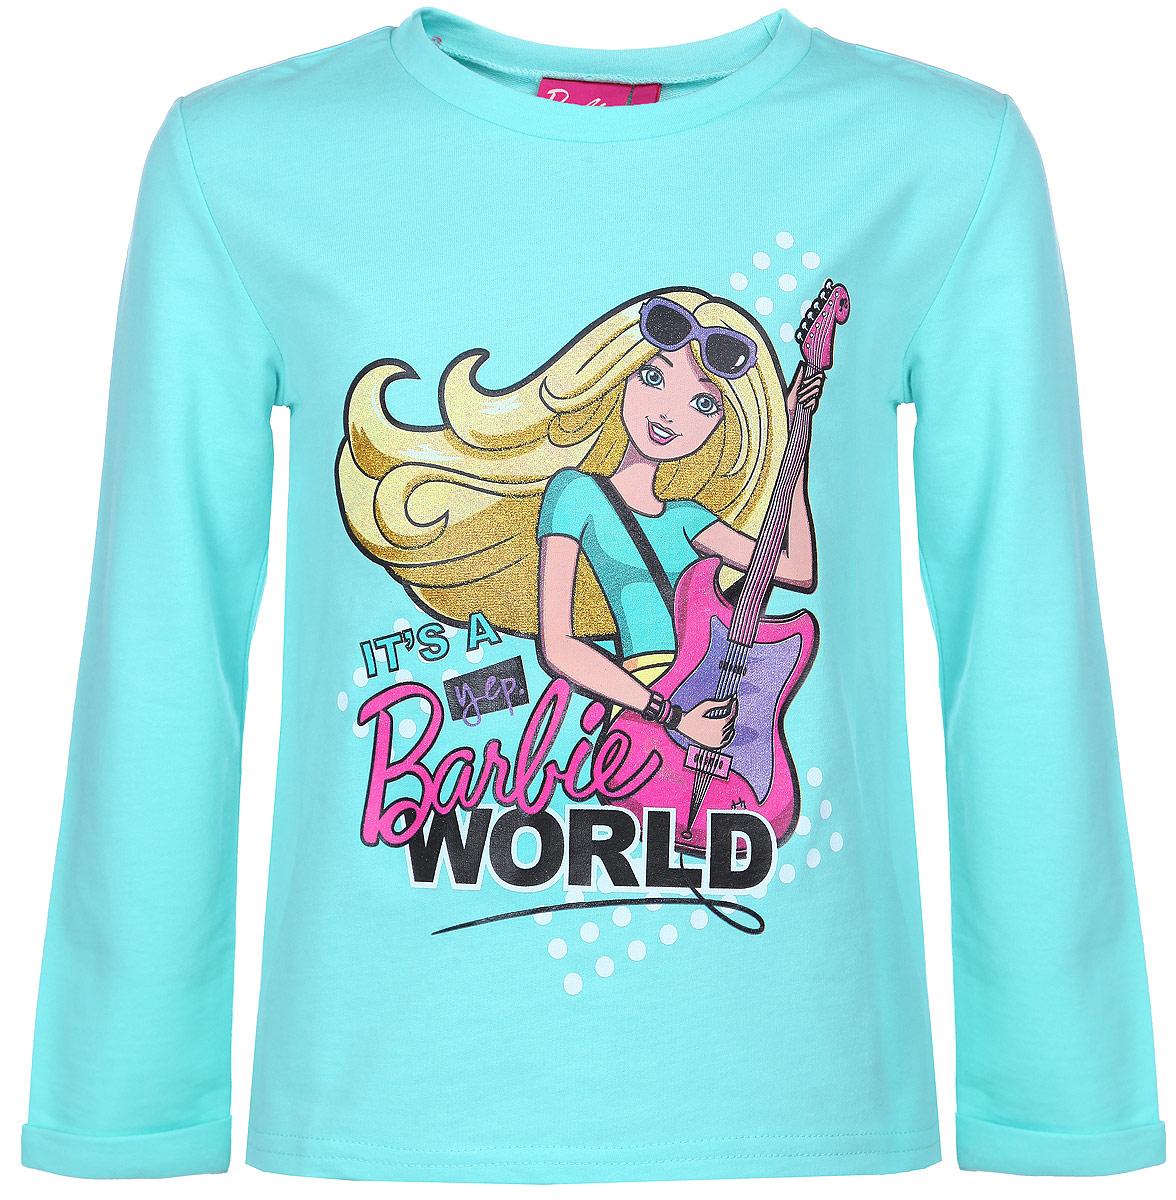 ZG 09251-G1Футболка с длинным рукавом для девочки Free Age Barbie станет отличным дополнением к гардеробу маленькой модницы. Изготовленная из натурального хлопка, она мягкая и приятная на ощупь, не сковывает движения и позволяет коже дышать, обеспечивая наибольший комфорт. Лицевая сторона изделия гладкая, а изнаночная - с небольшими петельками. Футболка с длинными рукавами и круглым вырезом горловины оформлена термоаппликацией с изображением куклы Барби, а также надписями. Края рукавов дополнены декоративными отворотами. Спинка модели удлинена. Изделие декорировано блестящим напылением. Стильный и яркий дизайн делает эту футболку модным предметом детской одежды. В ней ваша принцесса всегда будет в центре внимания.